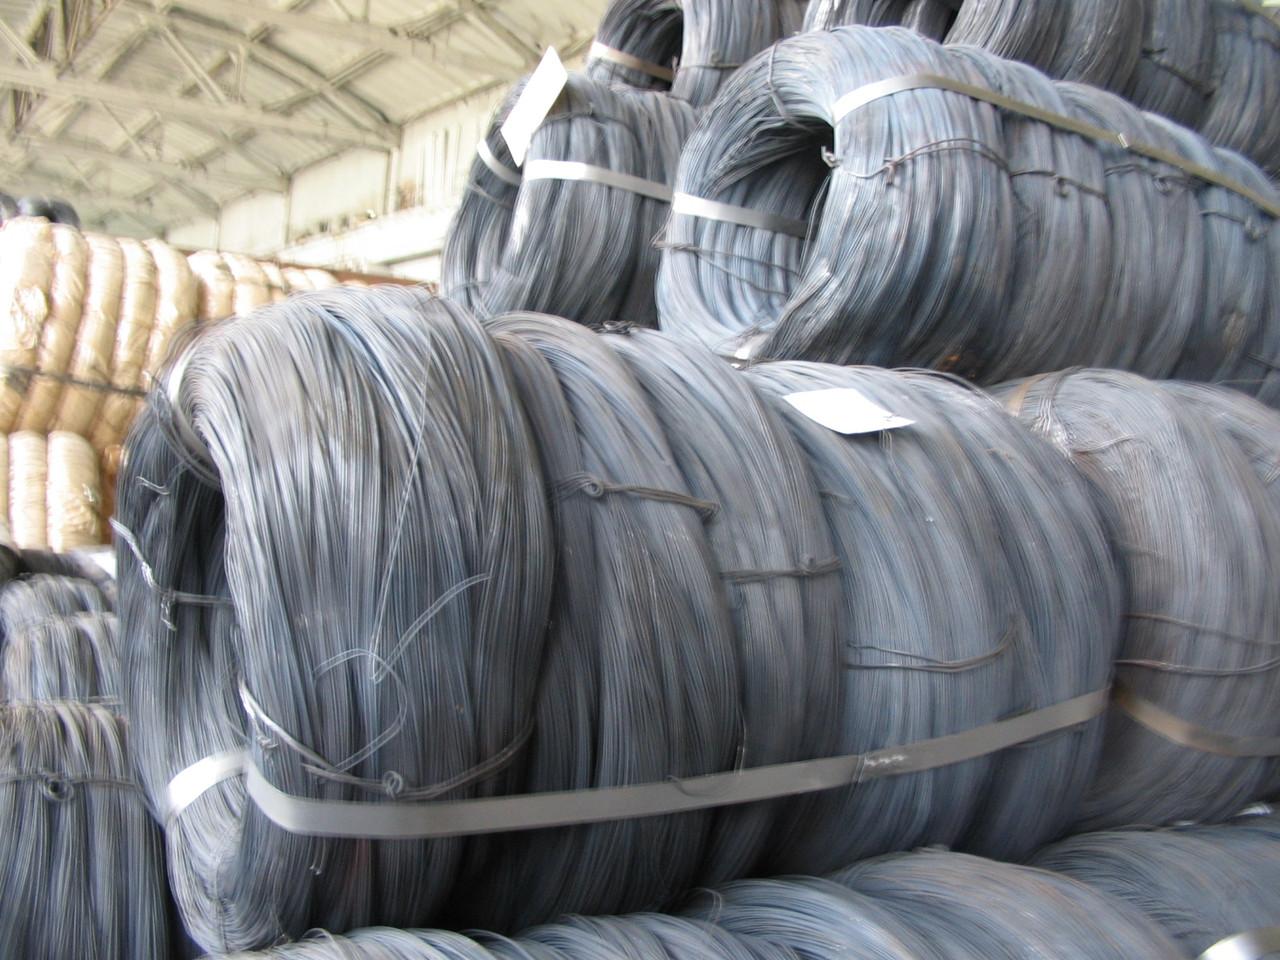 Проволока низкоуглеродистая общего назначения Гост 3282-74 ф1,6 мм купить цена доставка